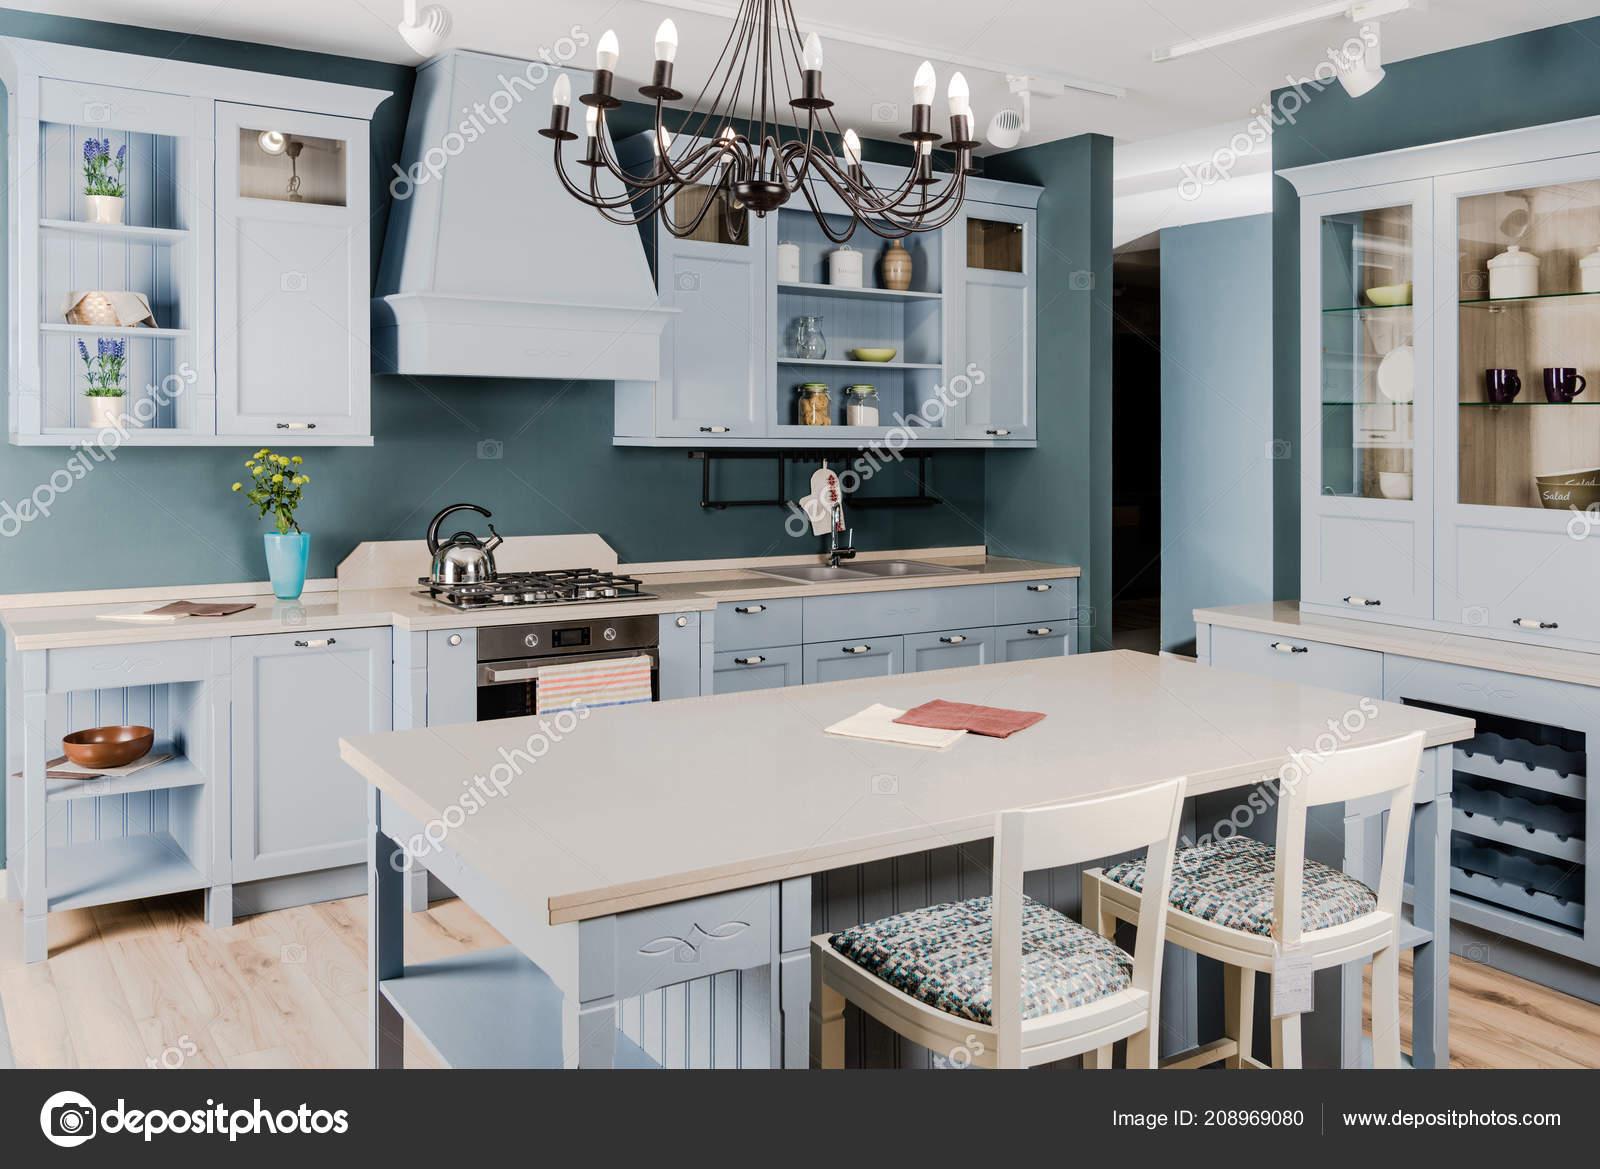 Wit met houten meubels super goed witte houten eetkamerstoelen